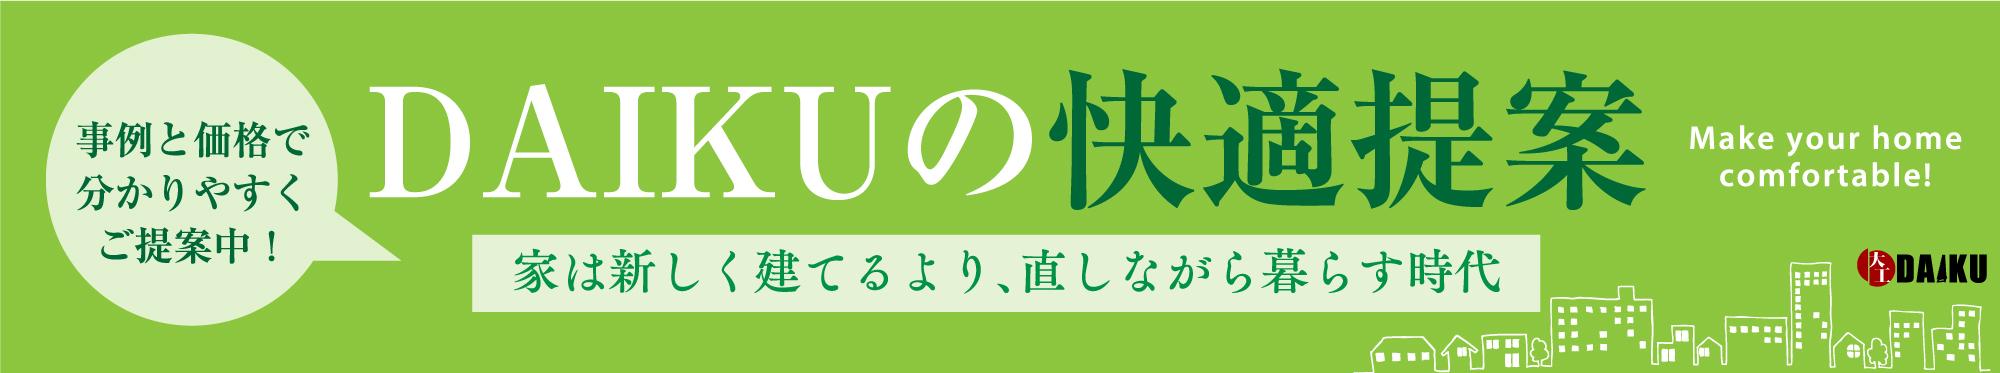 仙台のリフォーム専門店ダイク 快適生活提案